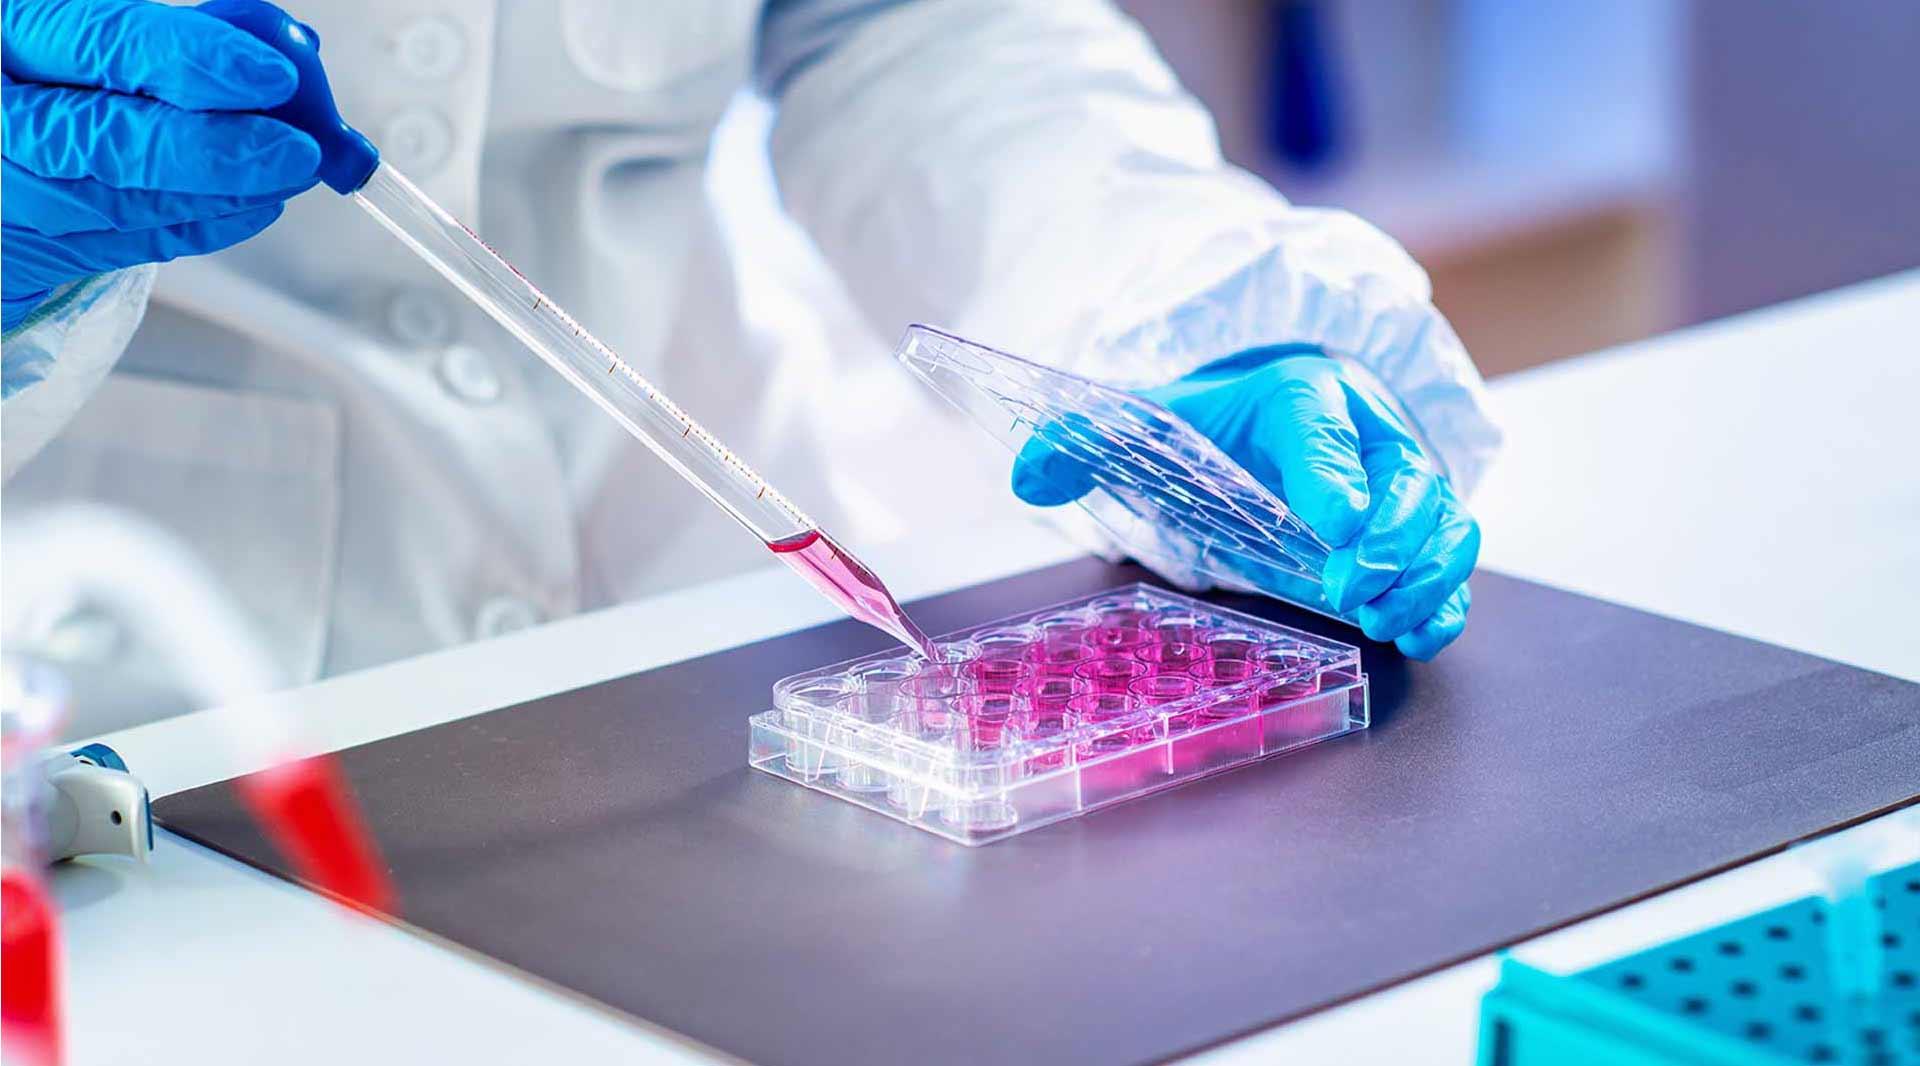 Autotrapianto-di-cellule-staminali